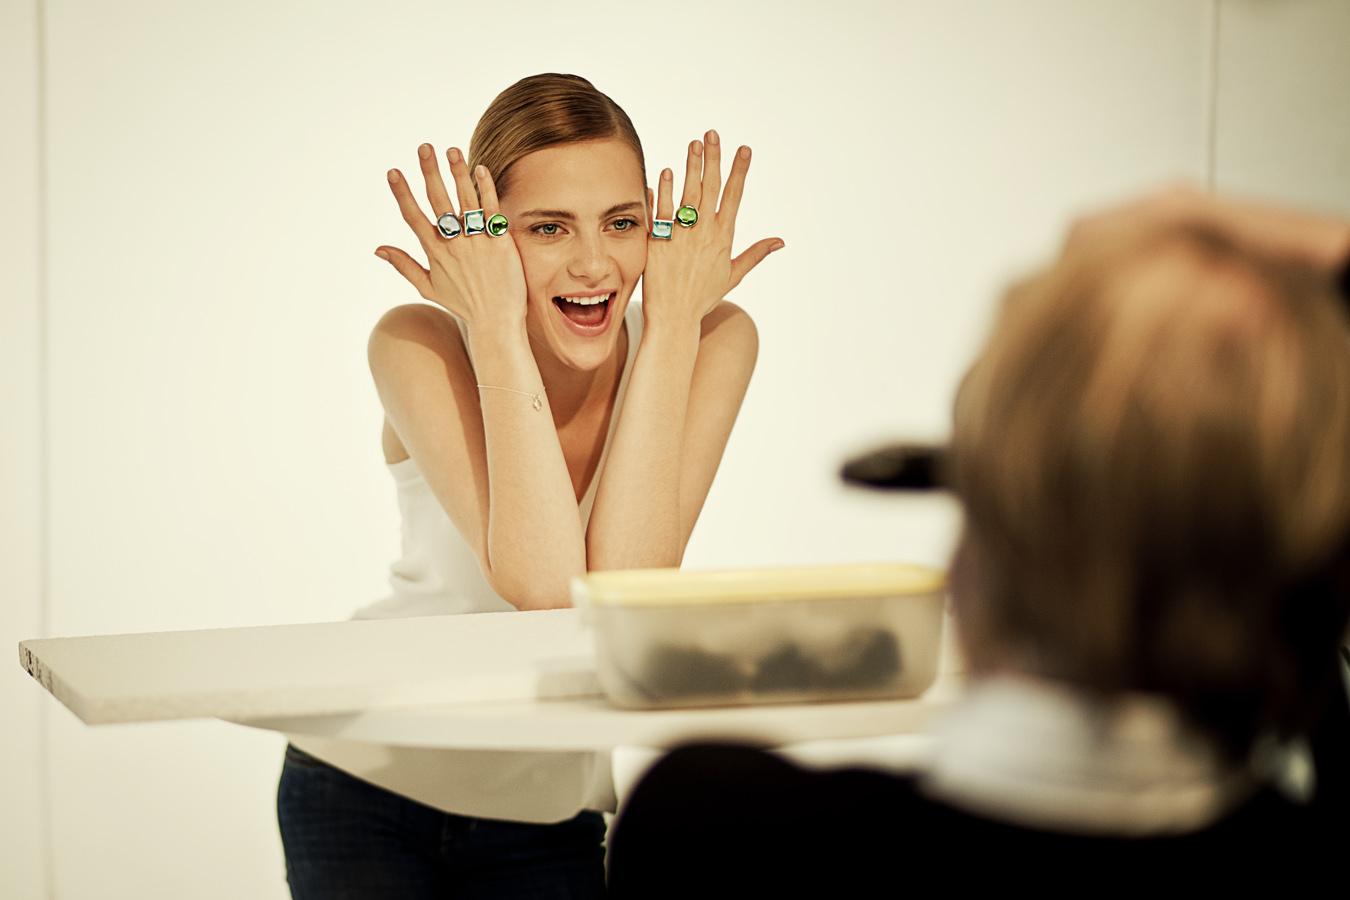 Kate, Model Plus/fot. Agnieszka Taukert/Backbone dla Do You Know Fashion